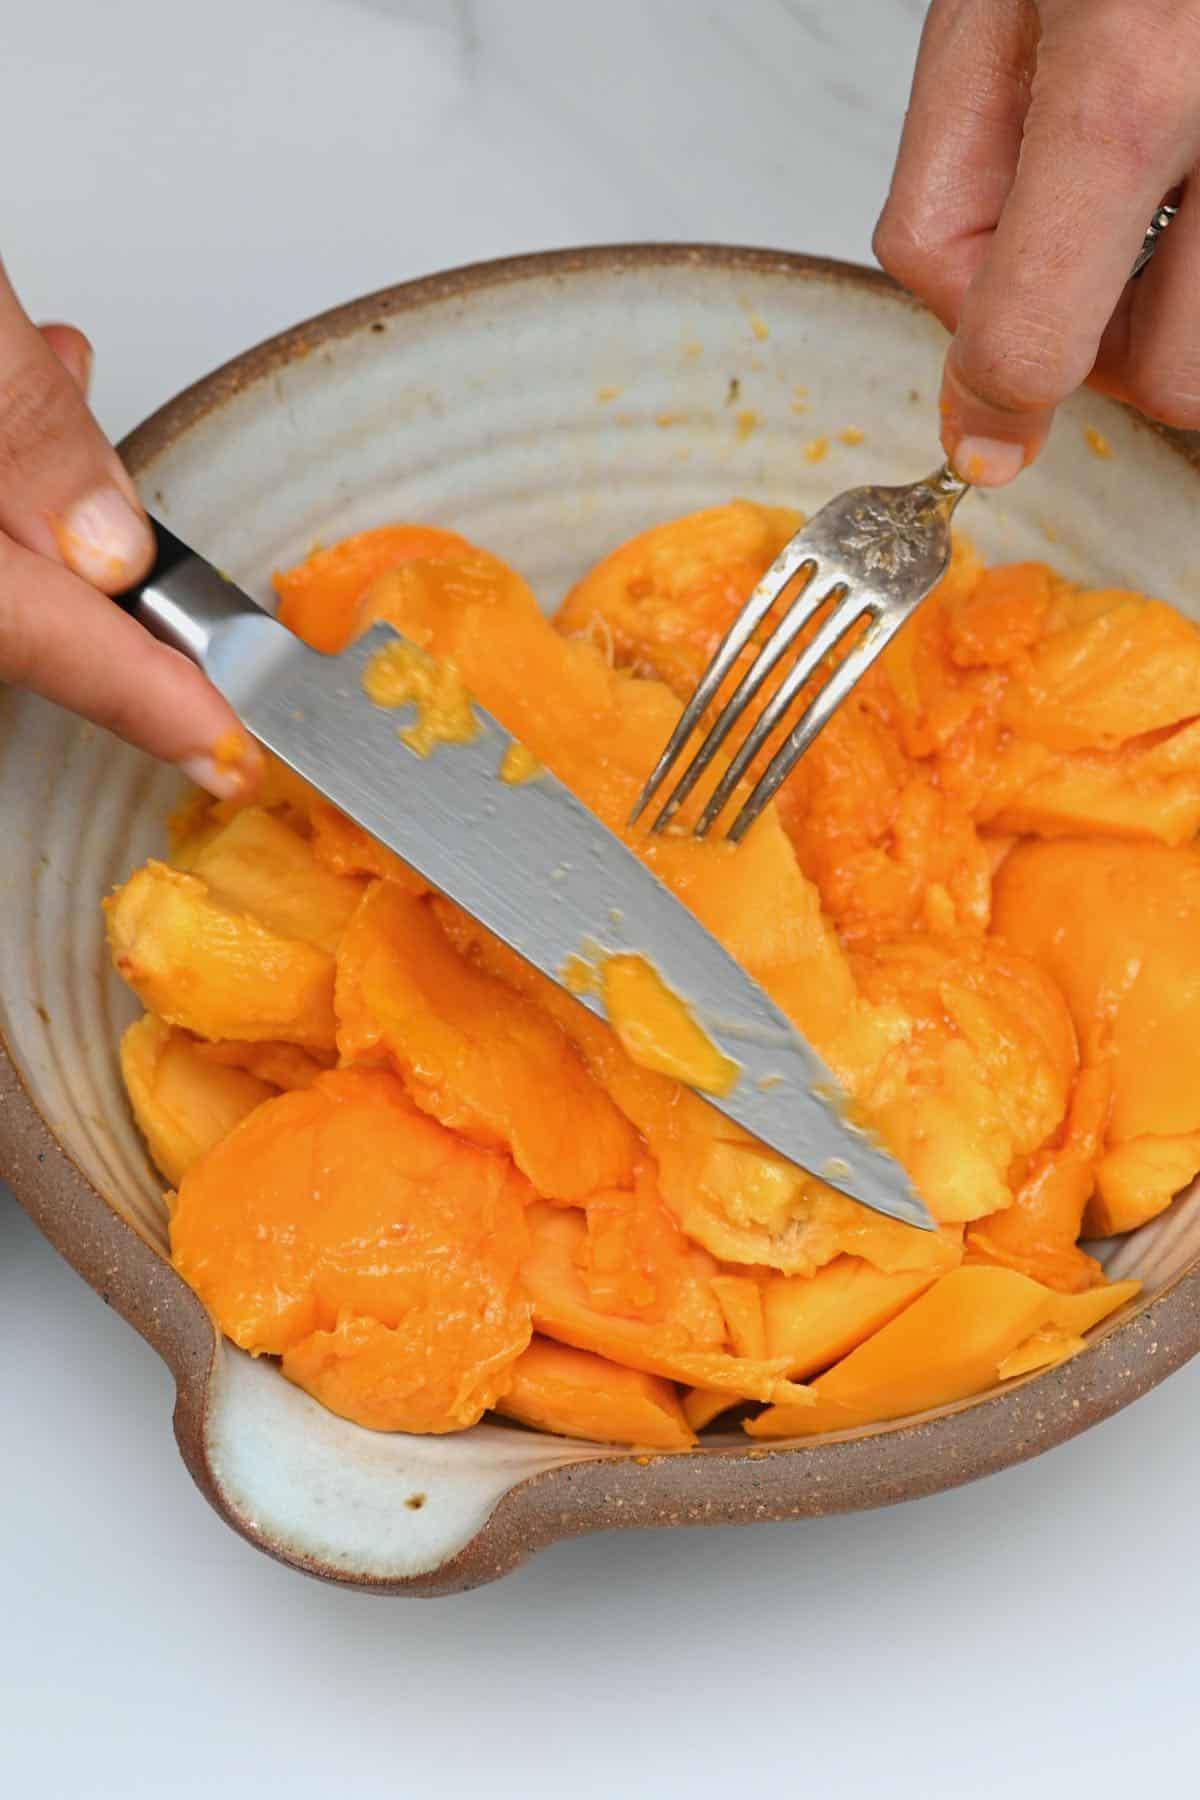 Cutting off mango flesh